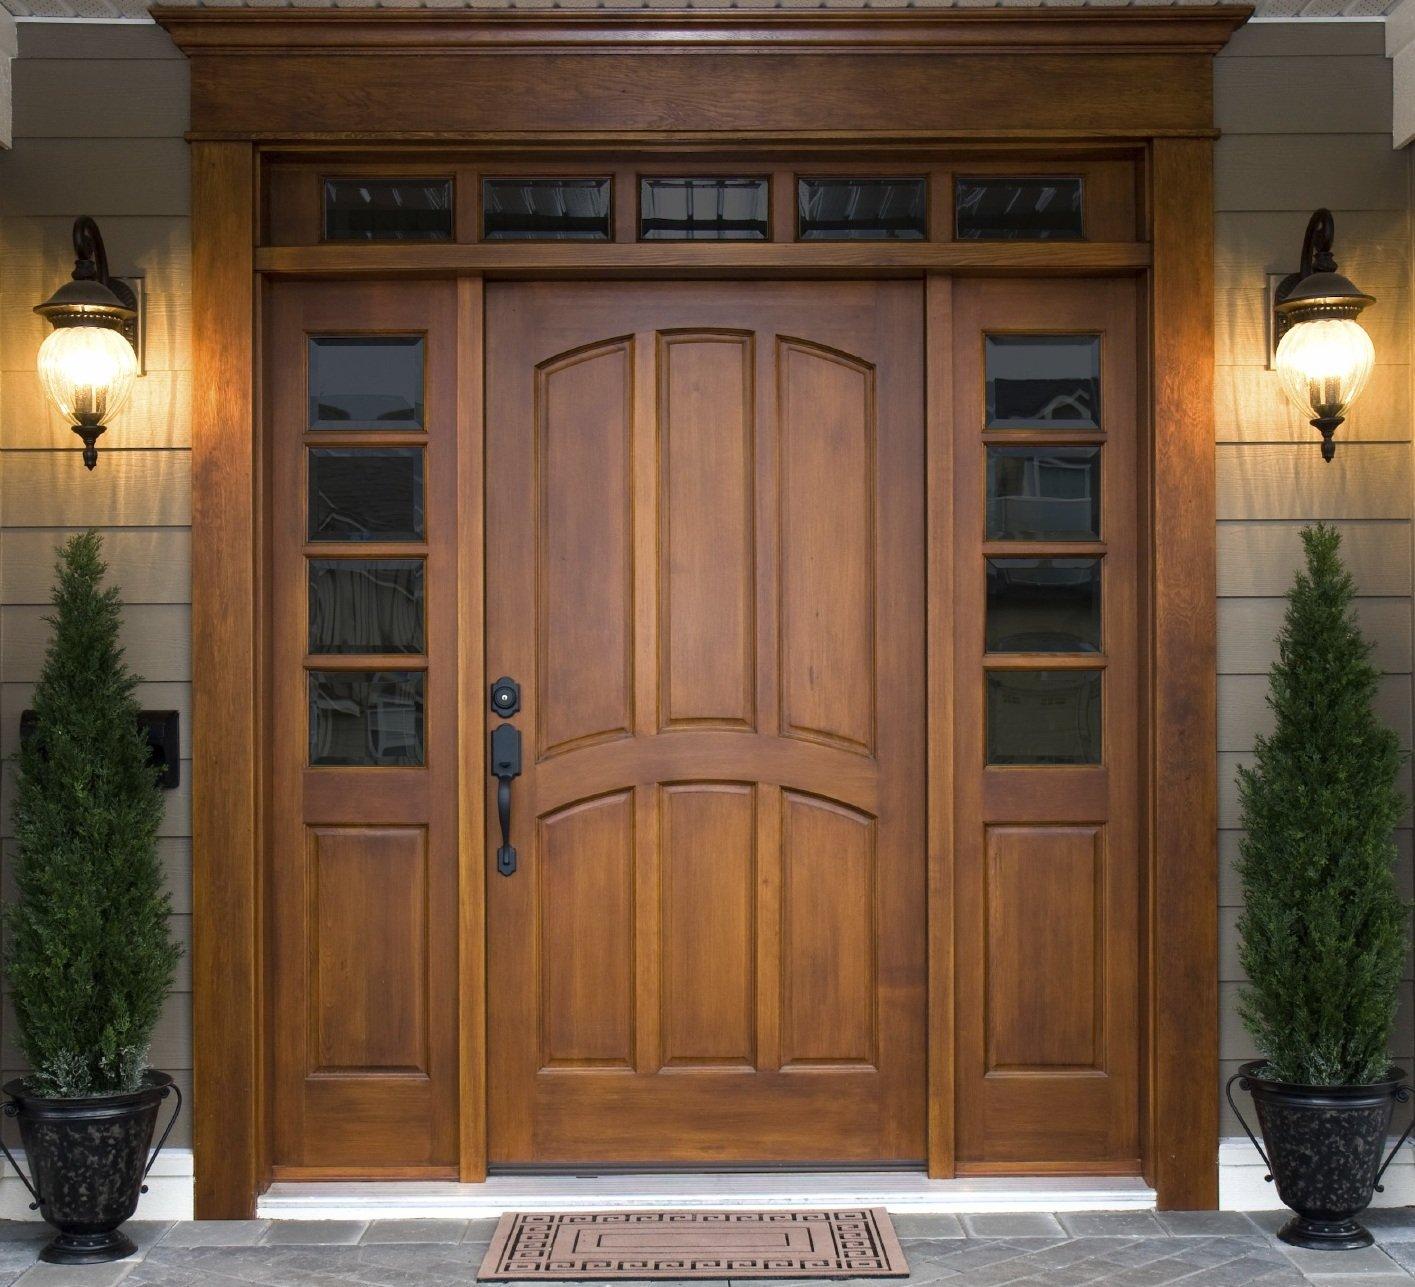 idées de photo de porte d'entrée en bois